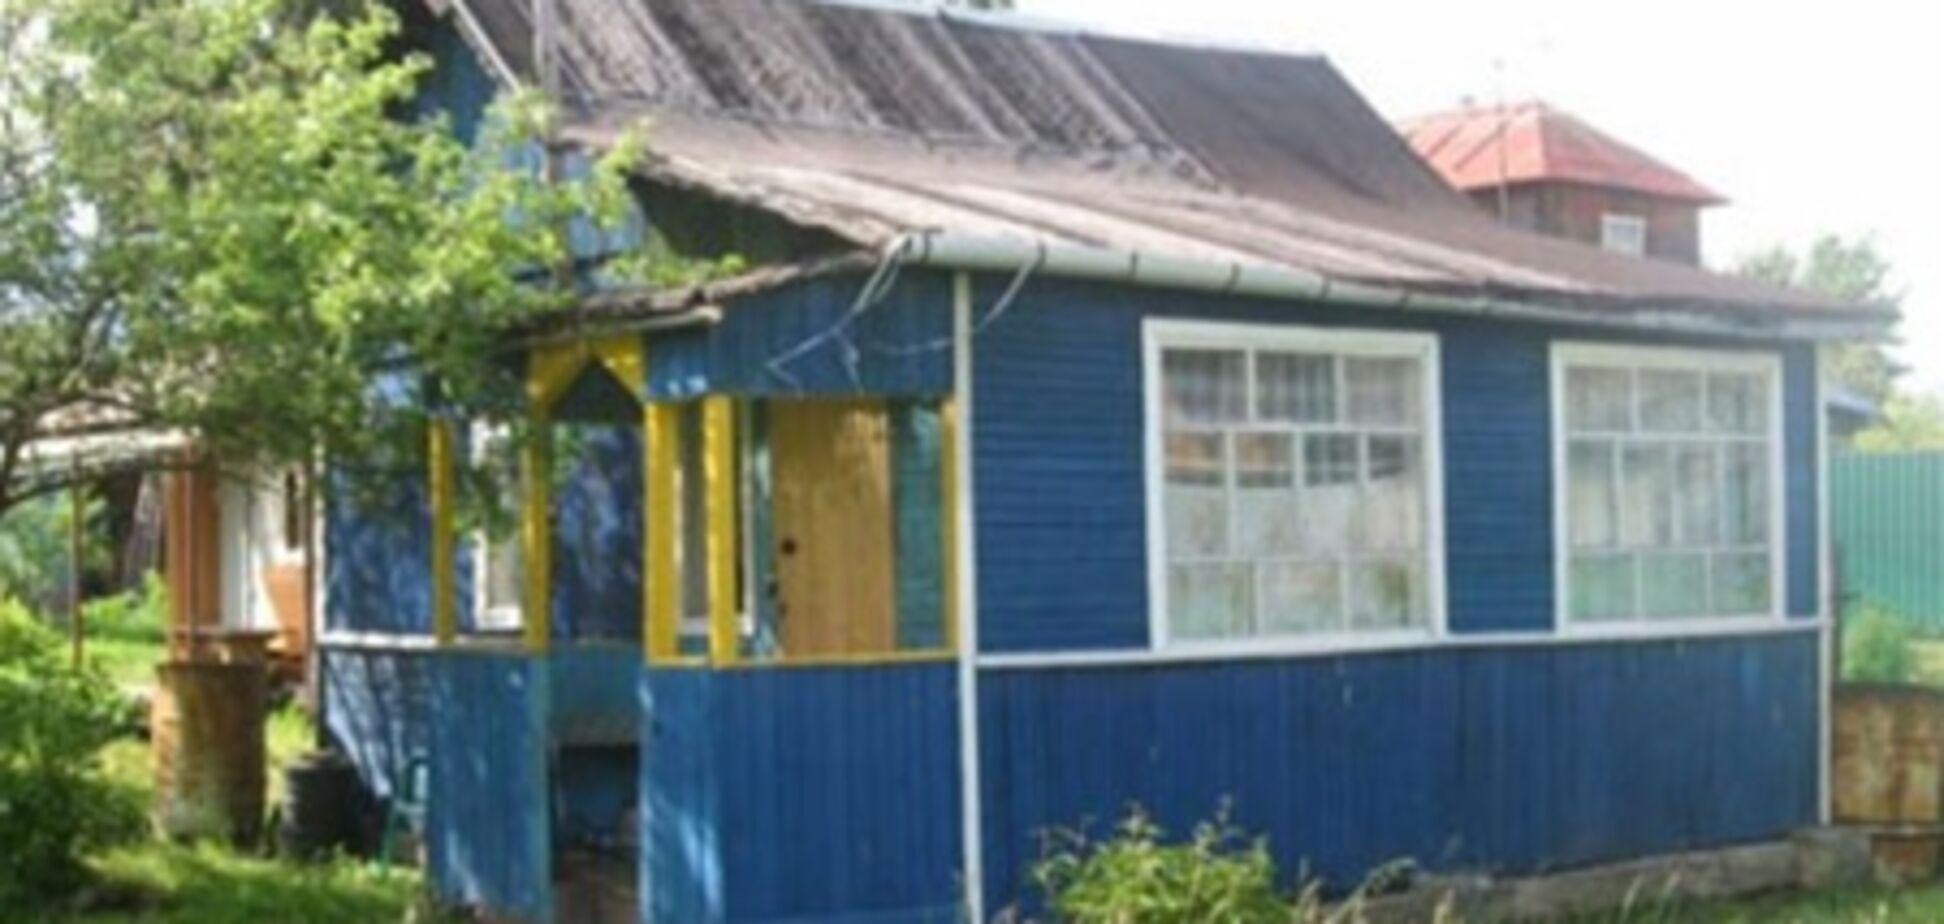 Ипотечный кредит в Украине подорожает - застройщики